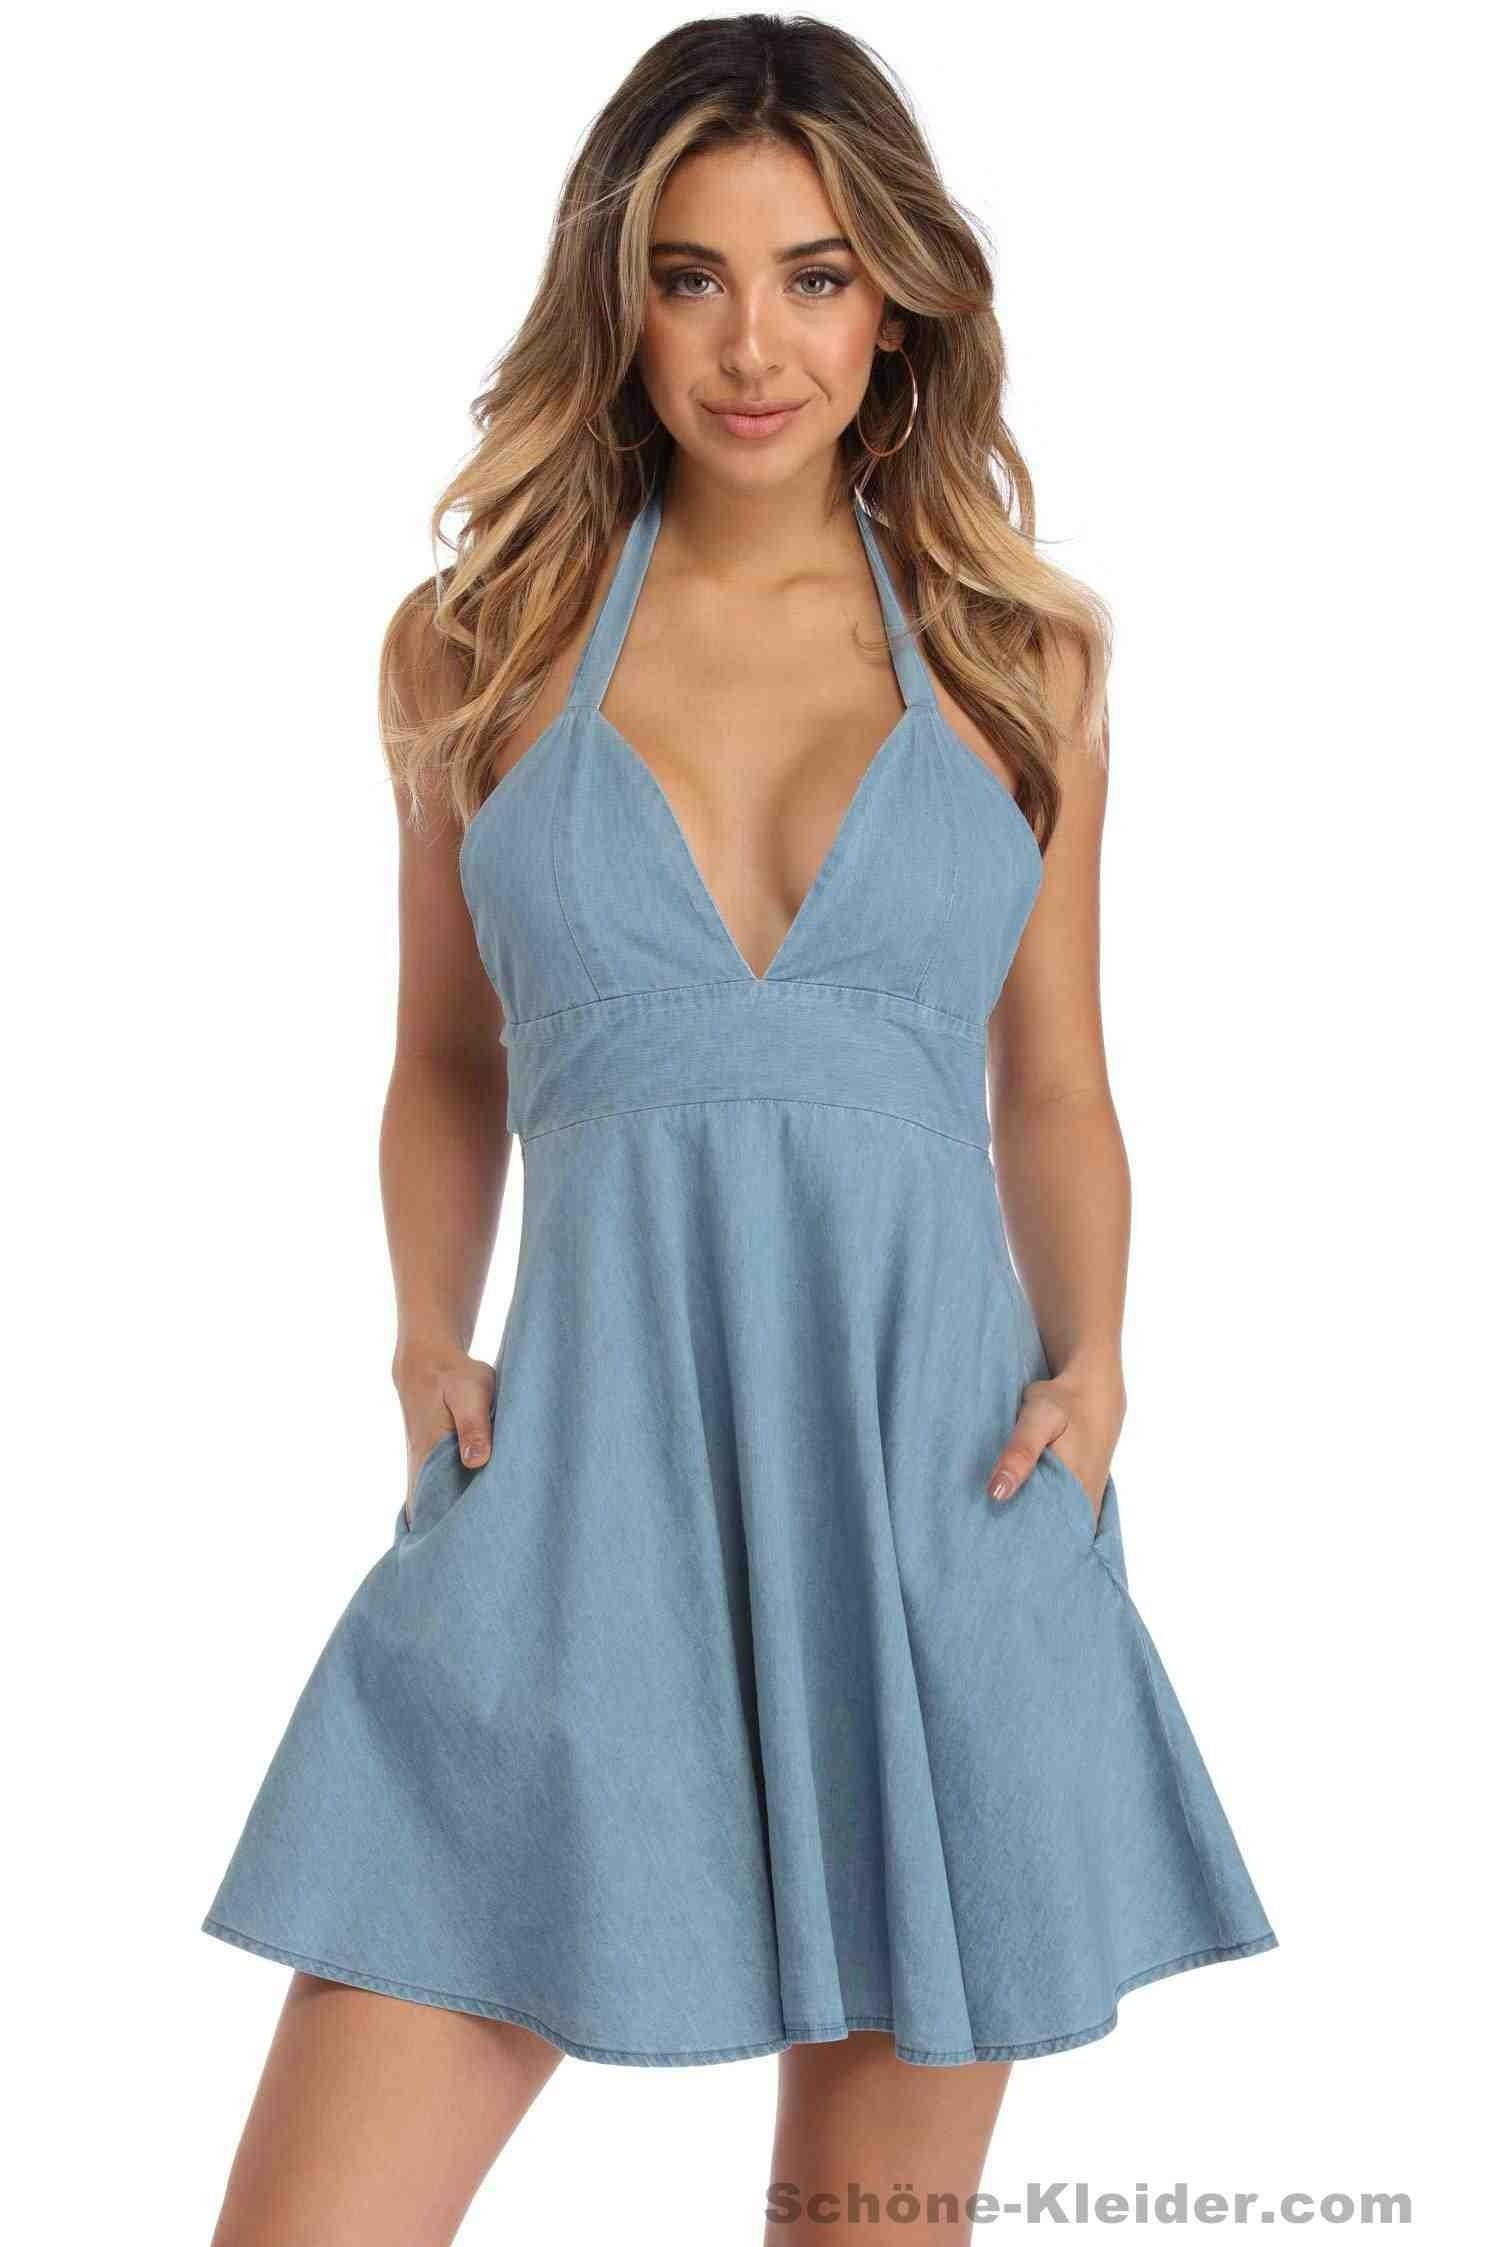 17 Einfach Damen Kleider Kurz Ärmel  Abendkleid